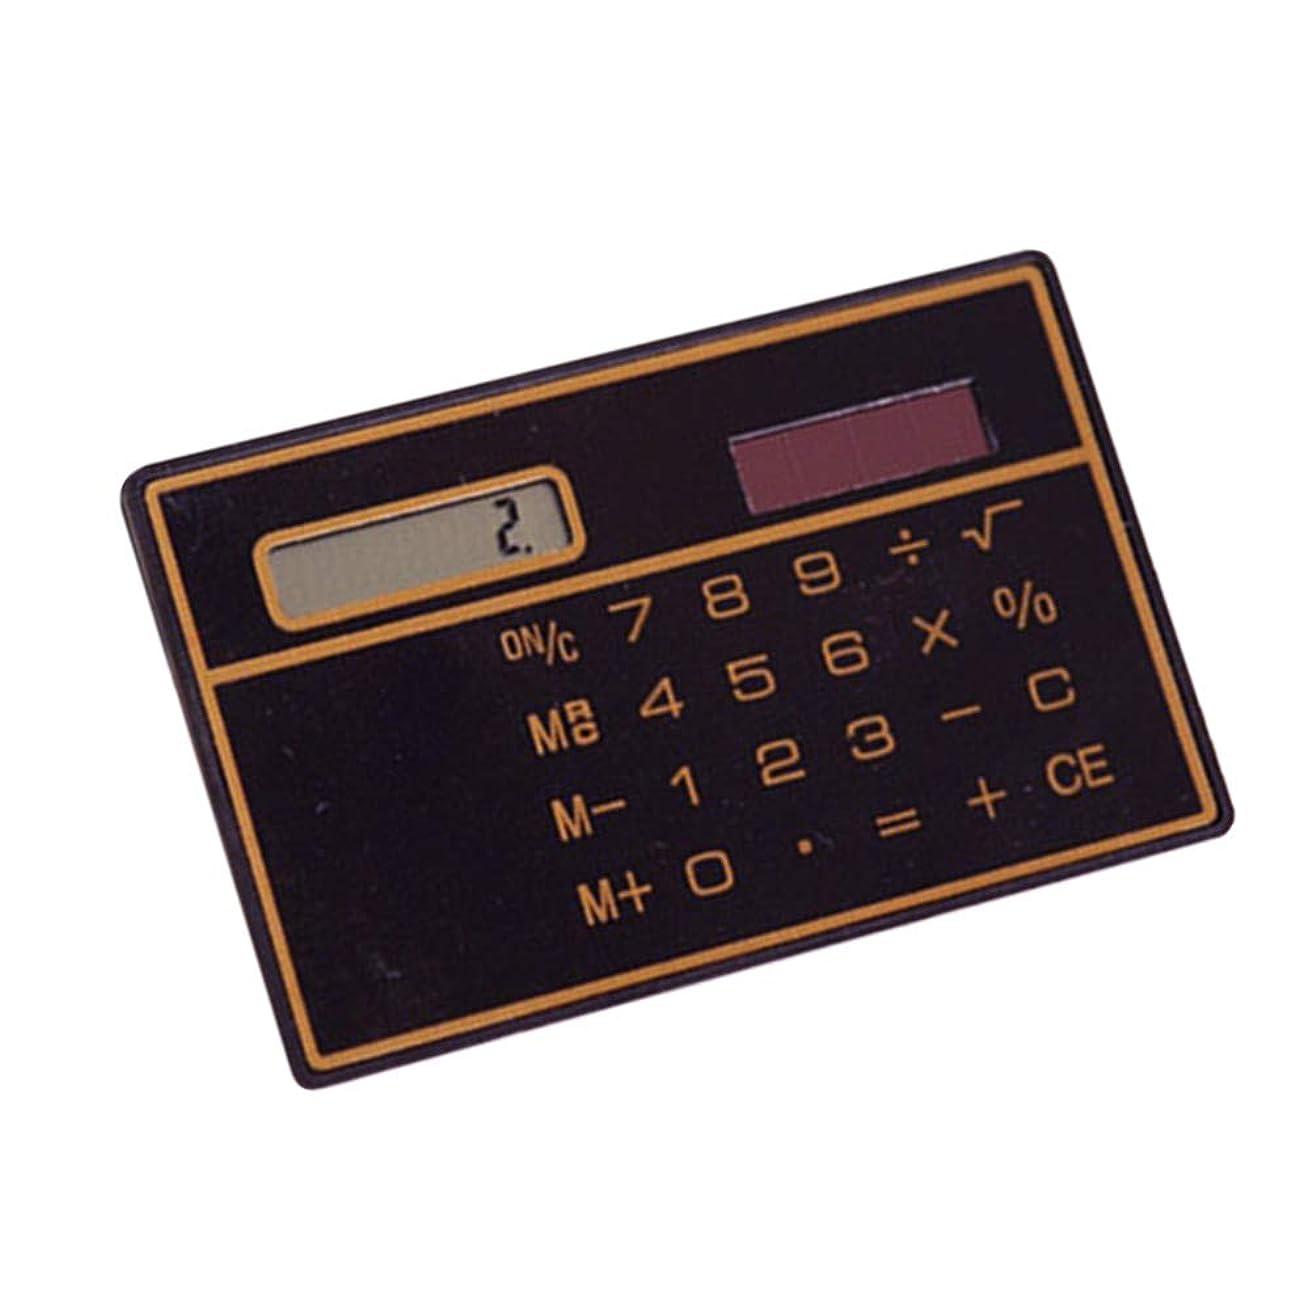 カカドゥ考え正気dulawei3 ポケット ソーラーパワー スリム クレジットカードサイズ 8桁 ホーム オフィス ミニ計算機 ベーシック ブラック